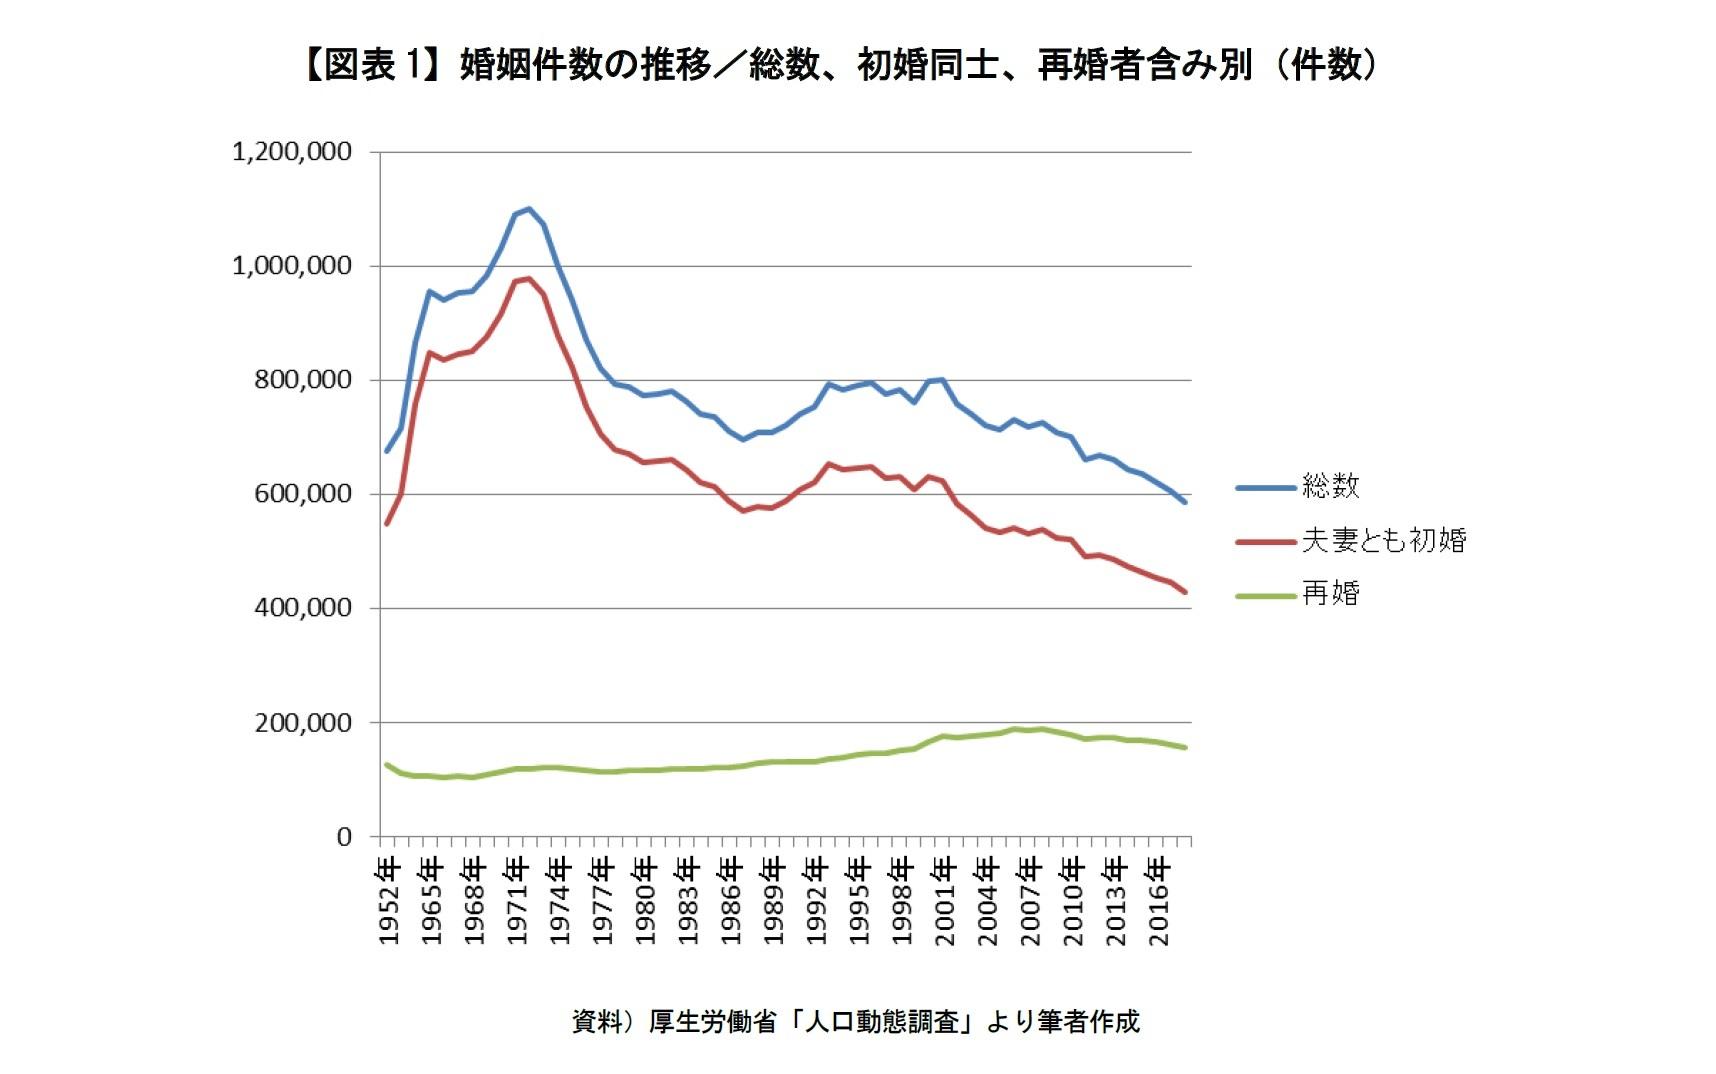 【図表1】婚姻件数の推移/総数、初婚同士、再婚者含み別(件数)